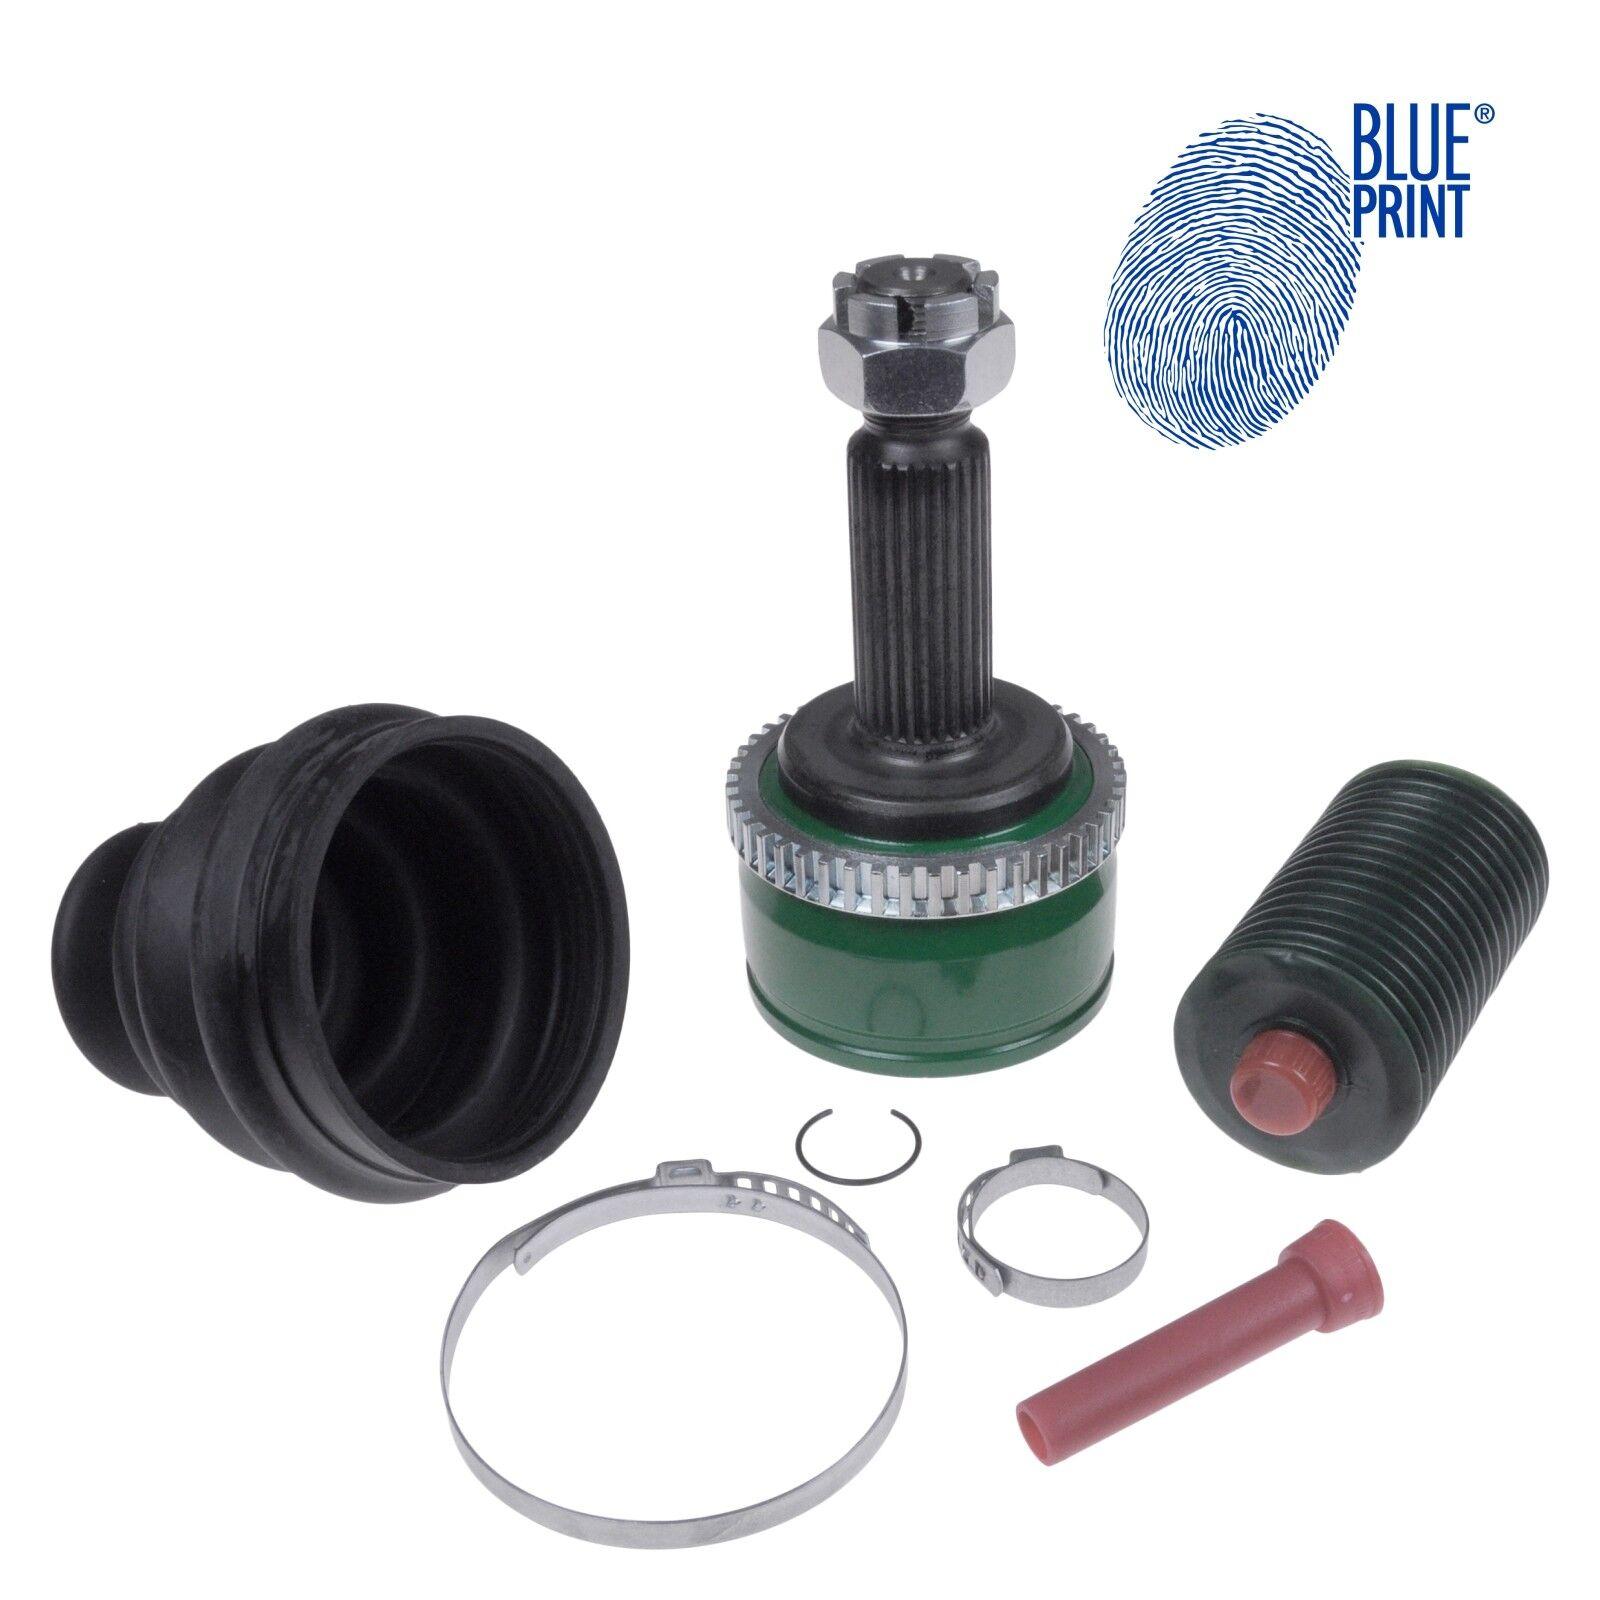 Faltenbalg Antriebswelle radseitig, Vorderachse Blue Print ADT38107 Achsmanschettensatz